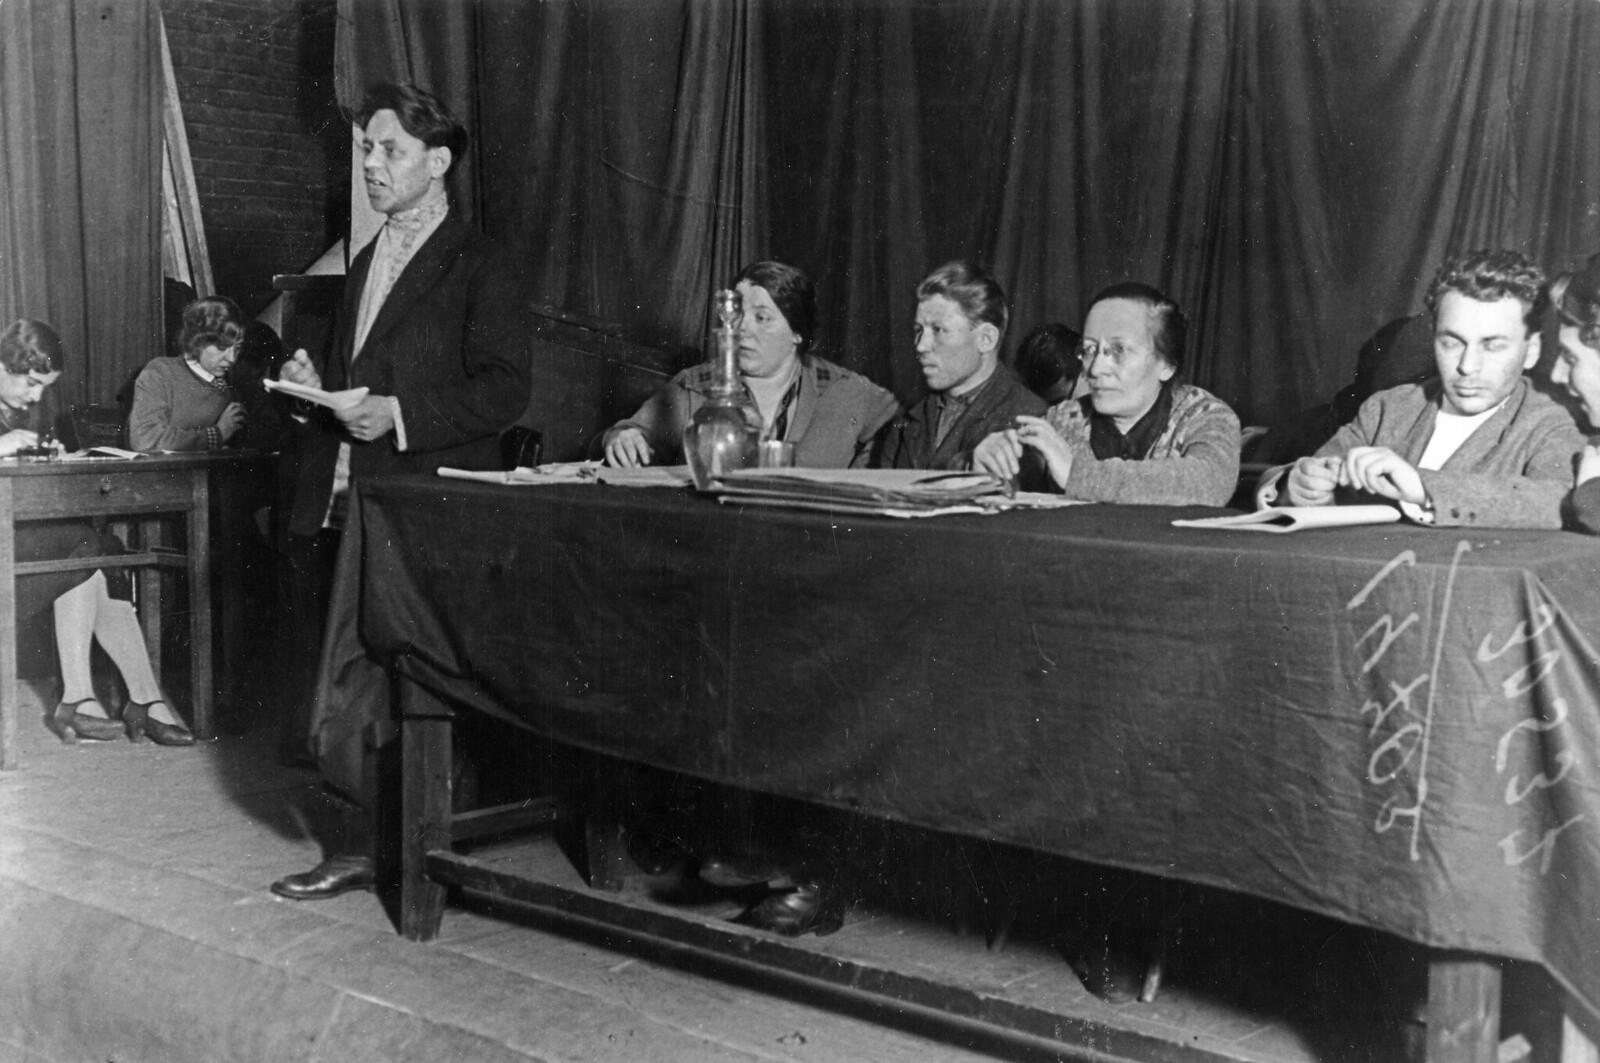 1933. Розалия Землячка (сидит в очках) во время процесса чистки в кооперативе в Москве